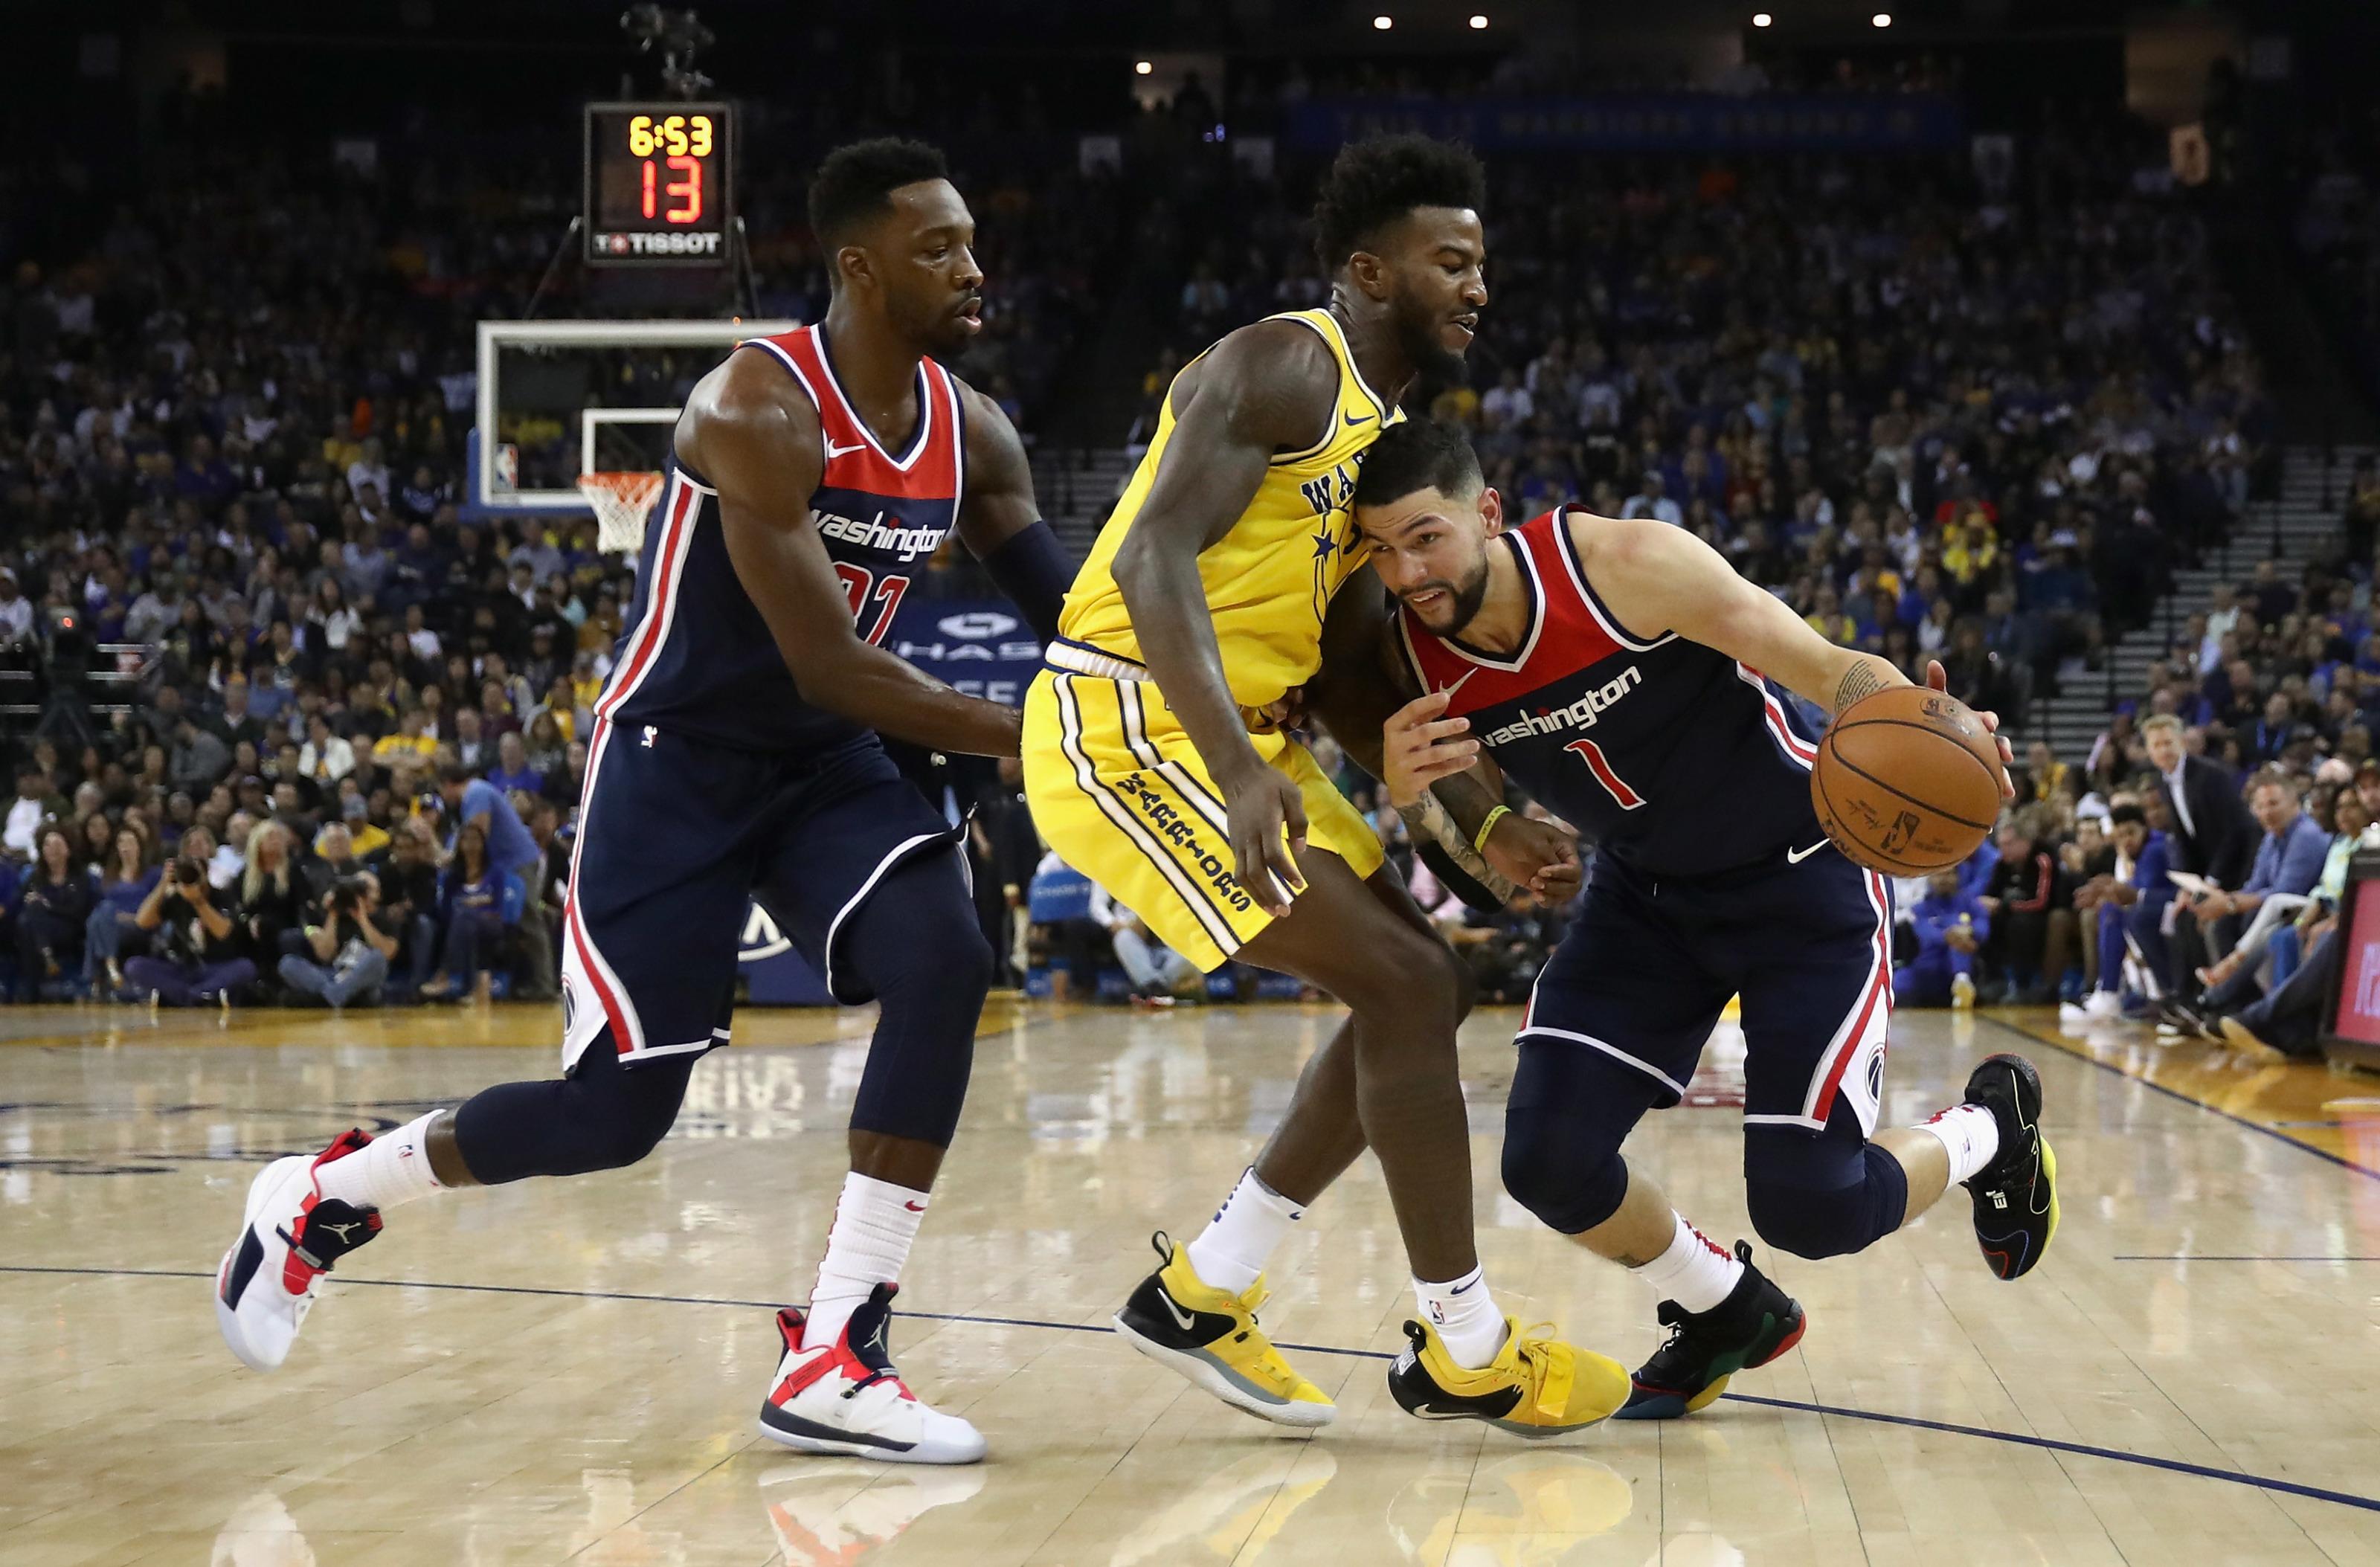 巫師將裁掉Jerome Robinson預計用10天短合同簽回Jordan Bell!-黑特籃球-NBA新聞影音圖片分享社區